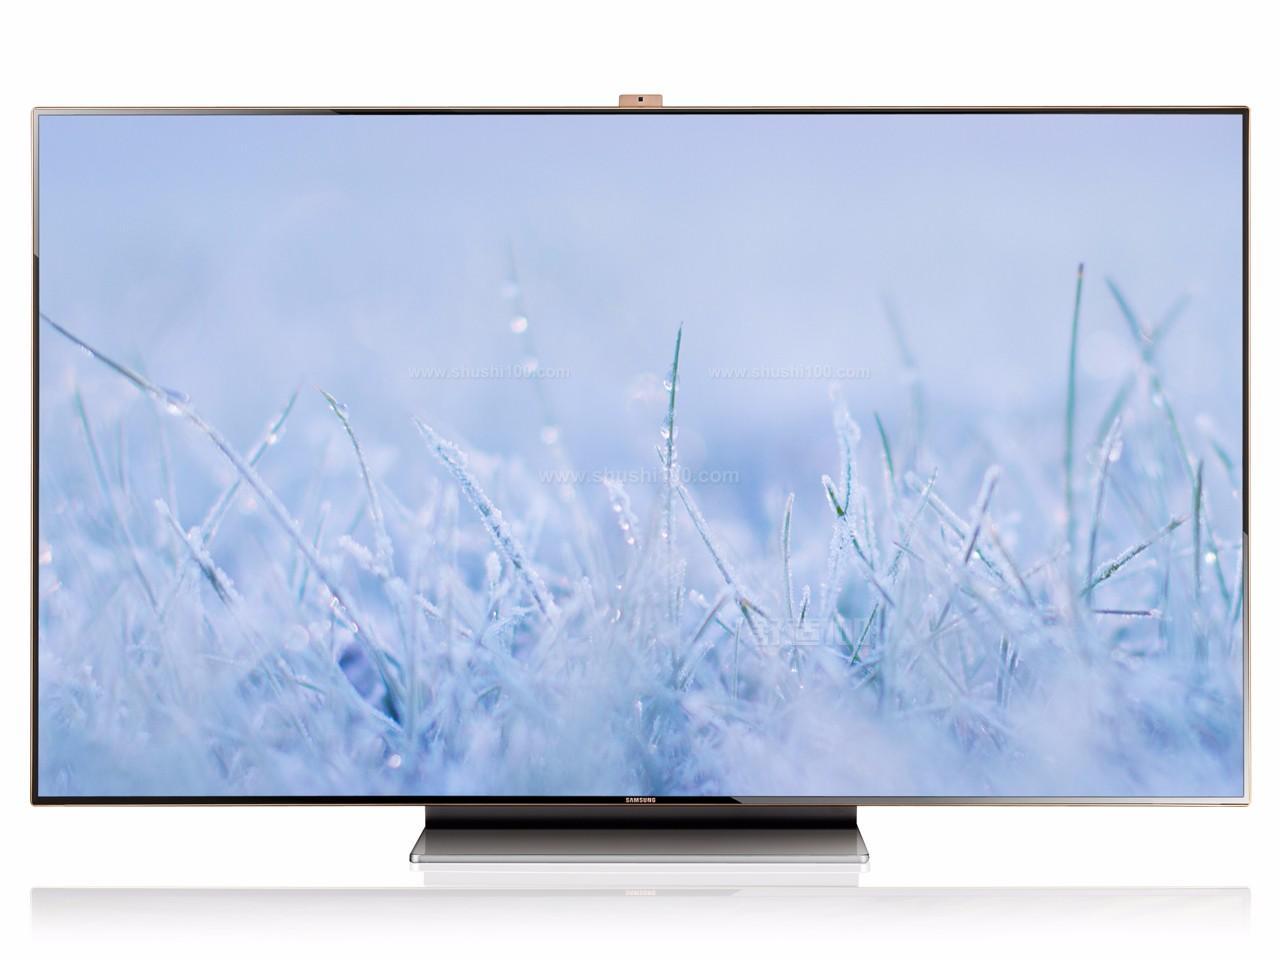 三星4k电视—三星4k电视怎么样图片